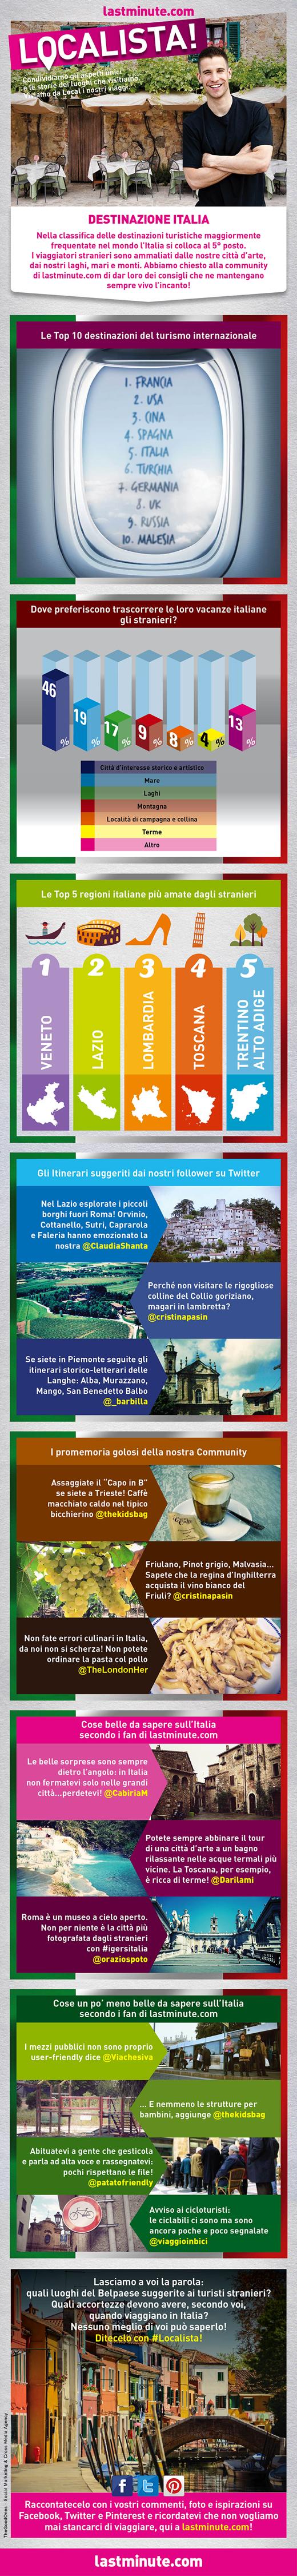 Nella classifica delle destinazioni turistiche maggiormente frequentate nel mondo l' #Italia si colloca al 5° posto. I #viaggiatori stranieri sono ammaliati dalle nostre città d' #arte, dai nostri #laghi, #mari e #monti. Abbiamo chiesto alla community di lastminute.com di dar loro dei #consigli che ne mantengano sempre vivo l'incanto! #Localista #viaggi #vacanze #travel #Italy #turismo #lastminute